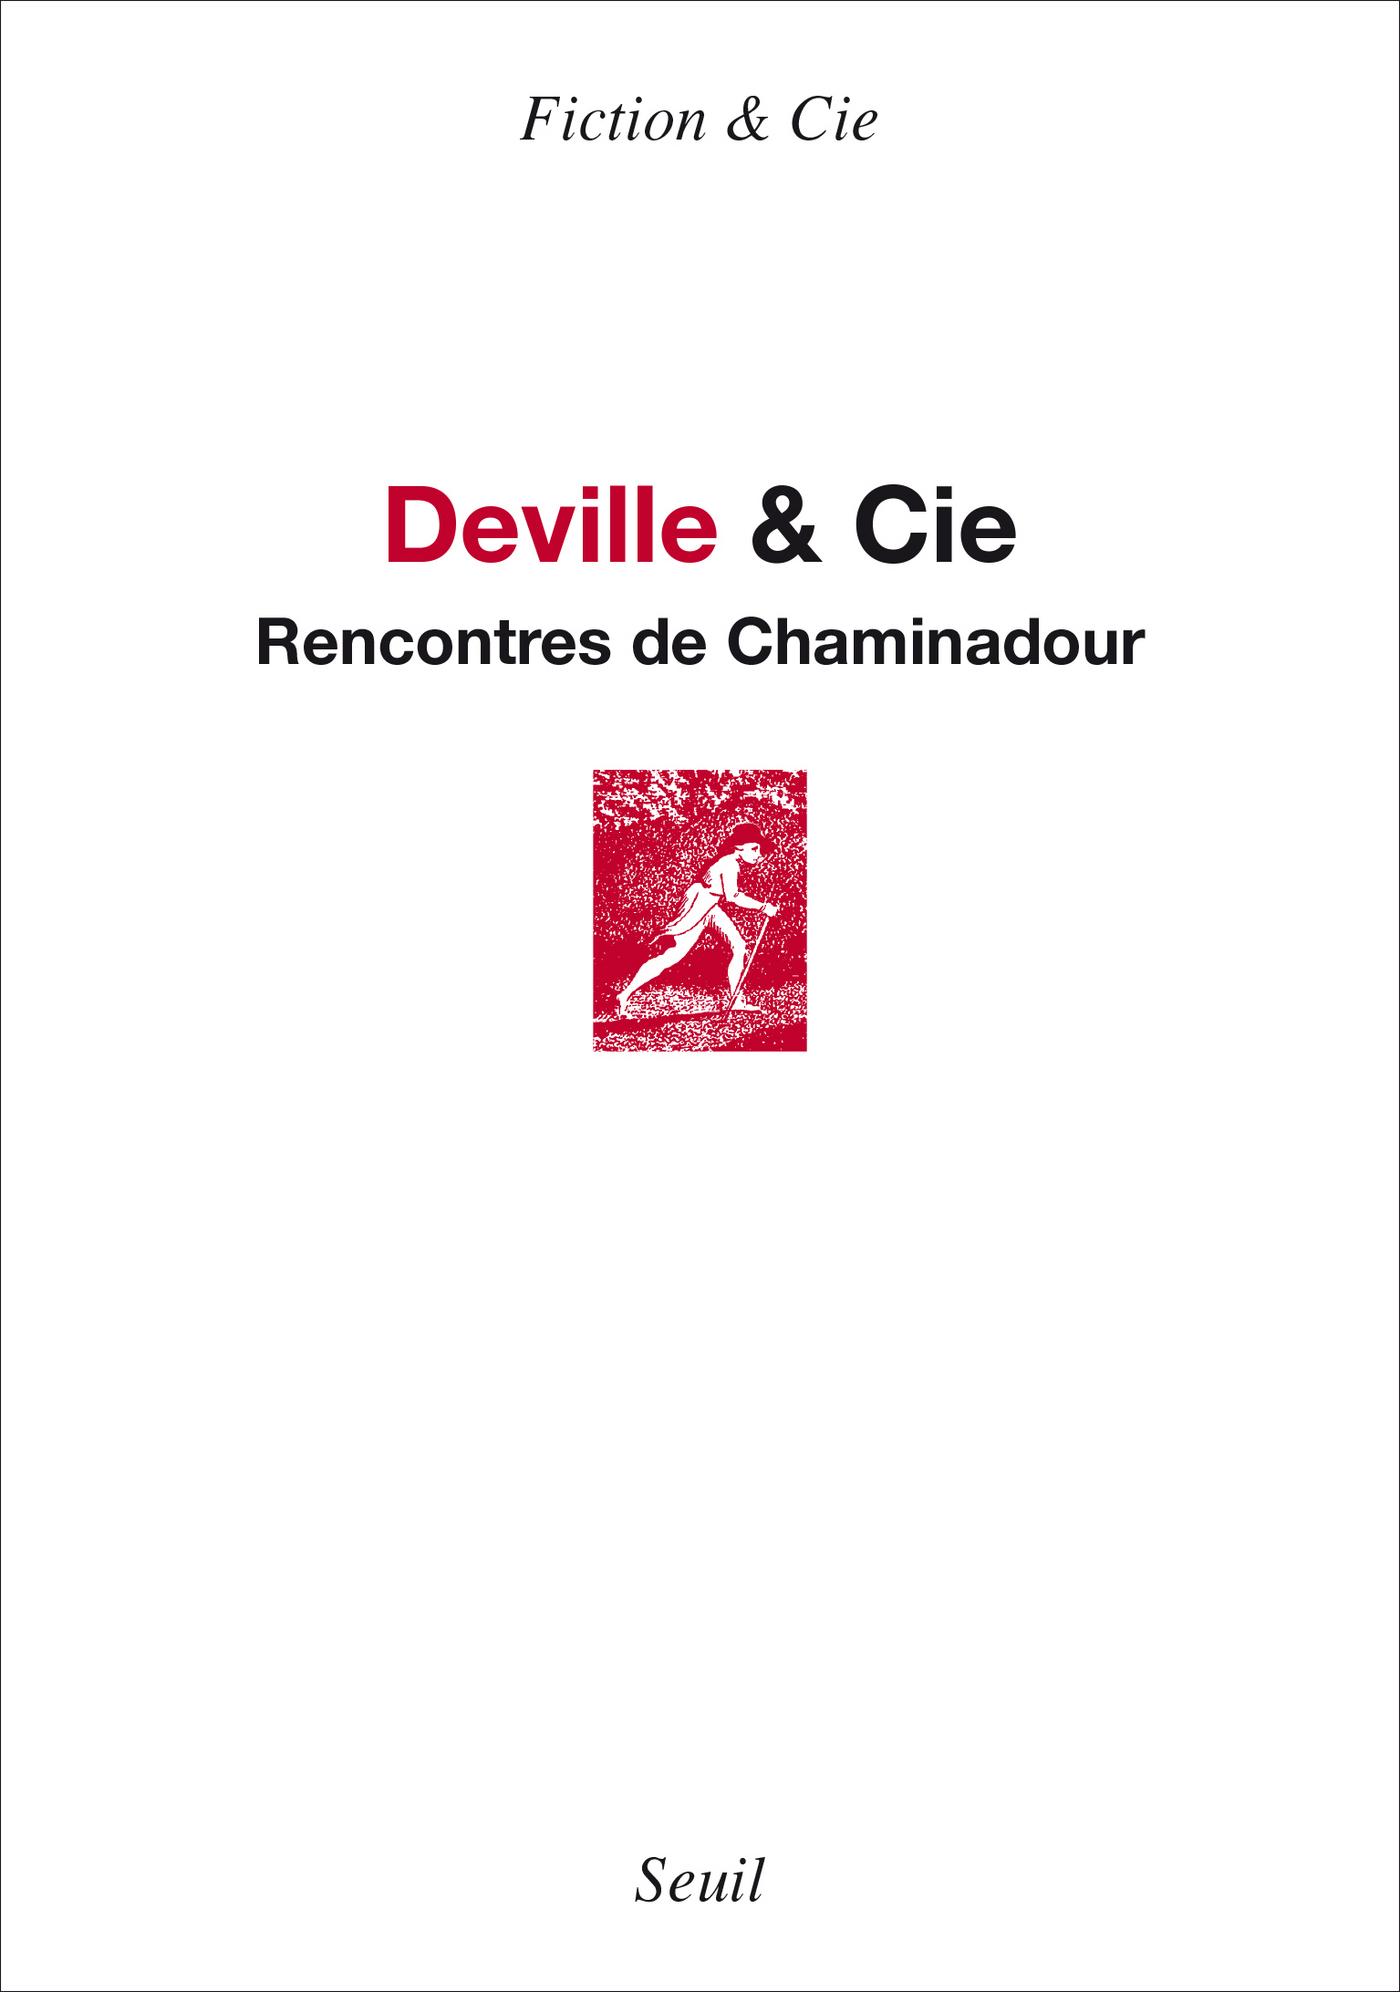 Deville & Cie. Rencontres de Chaminadour